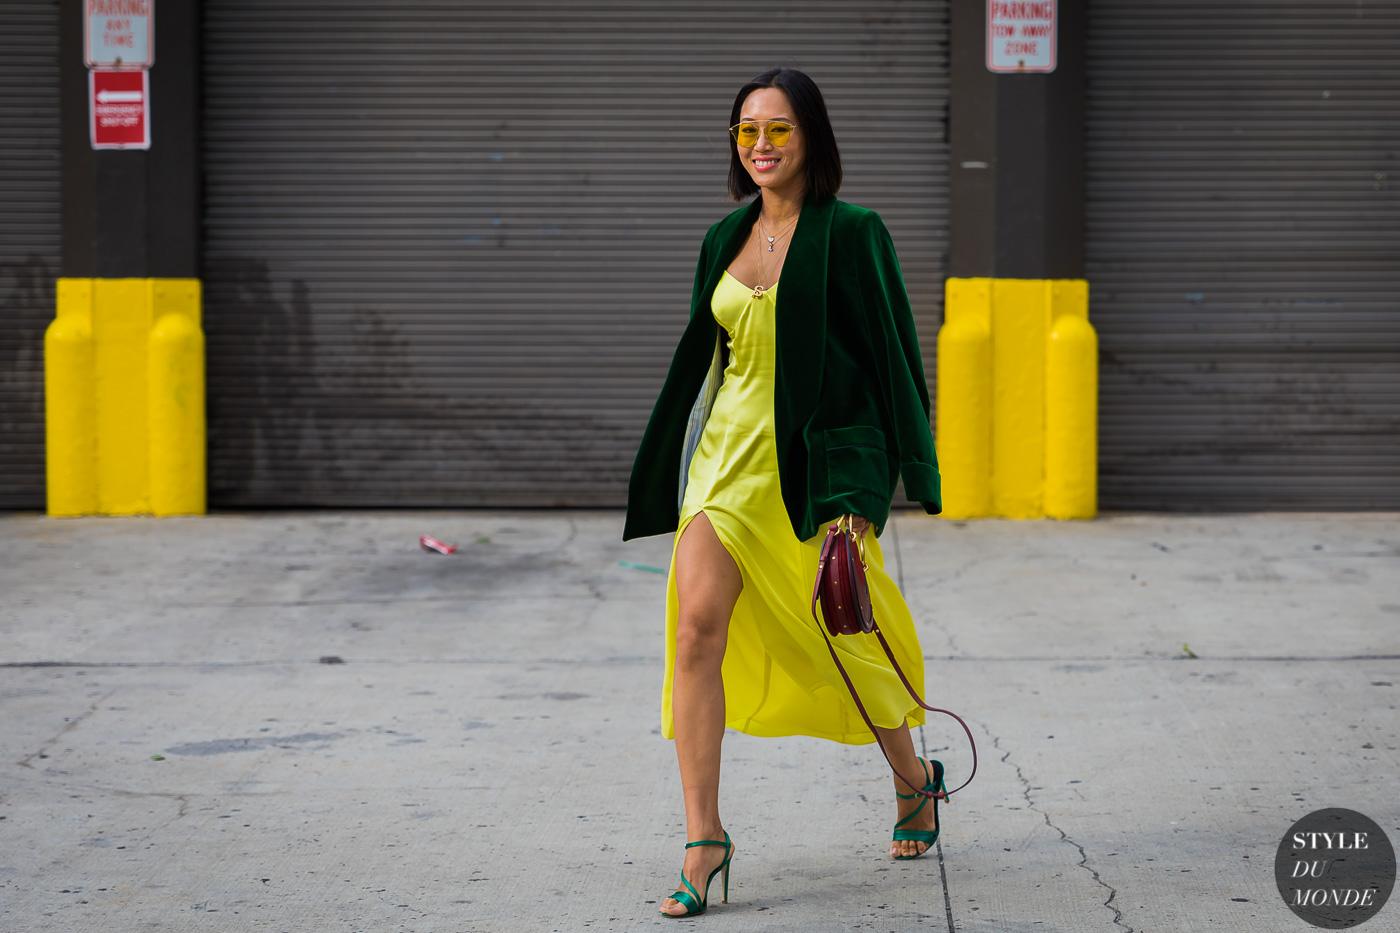 slip dress màu xanh lá